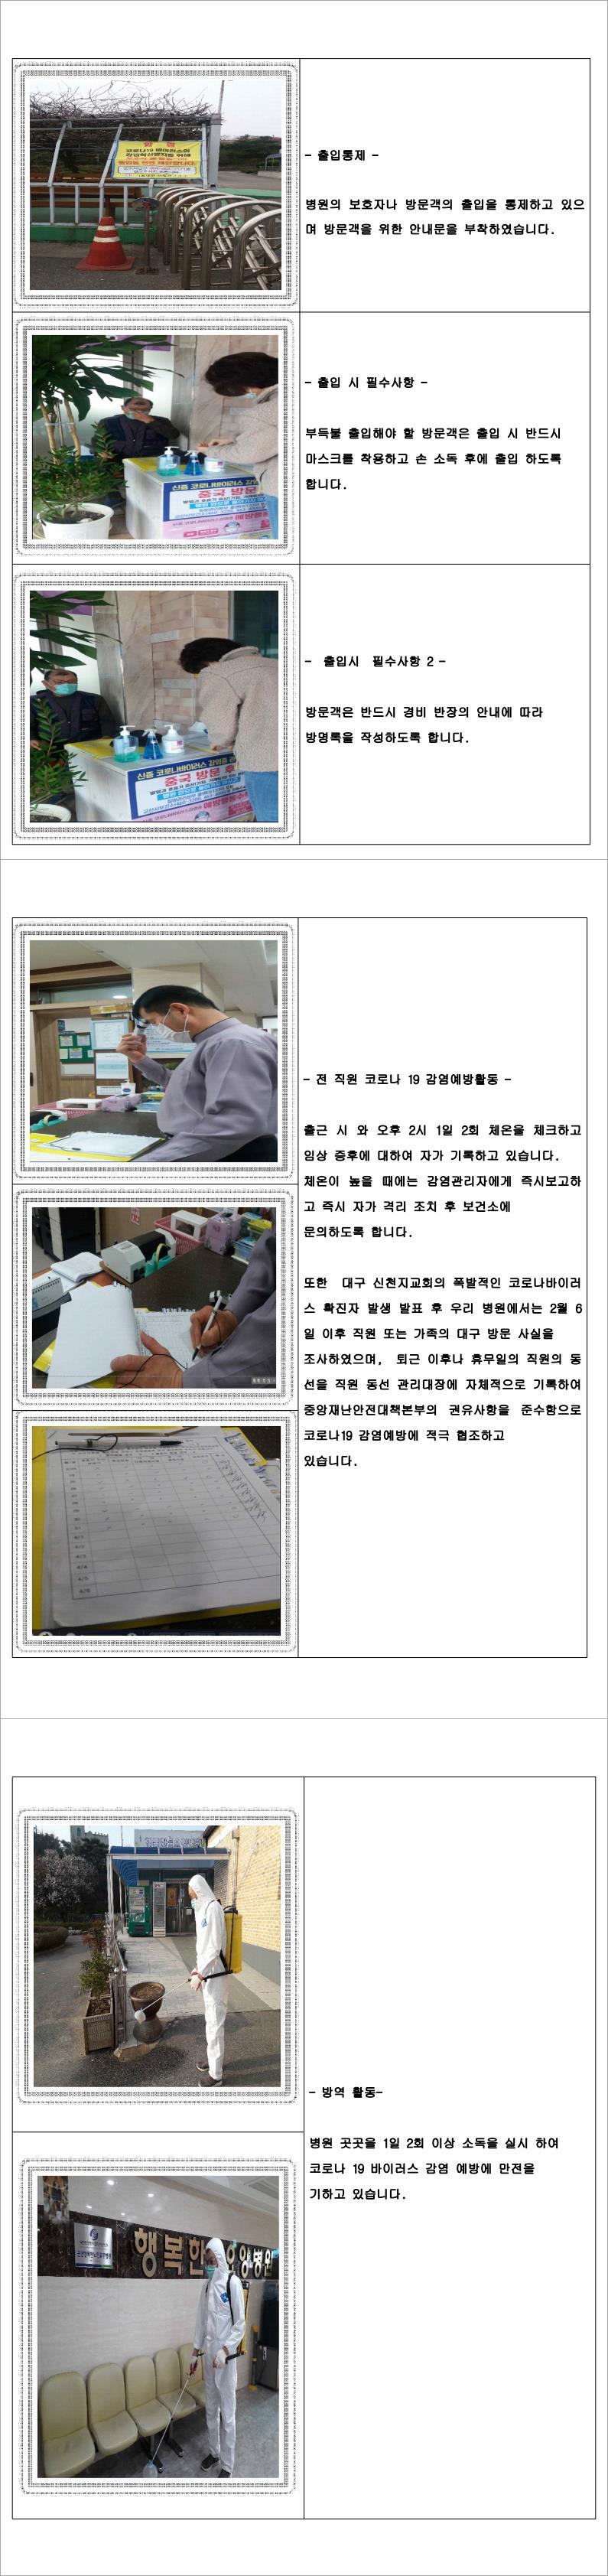 코로나19감염예방활동_Image.jpg